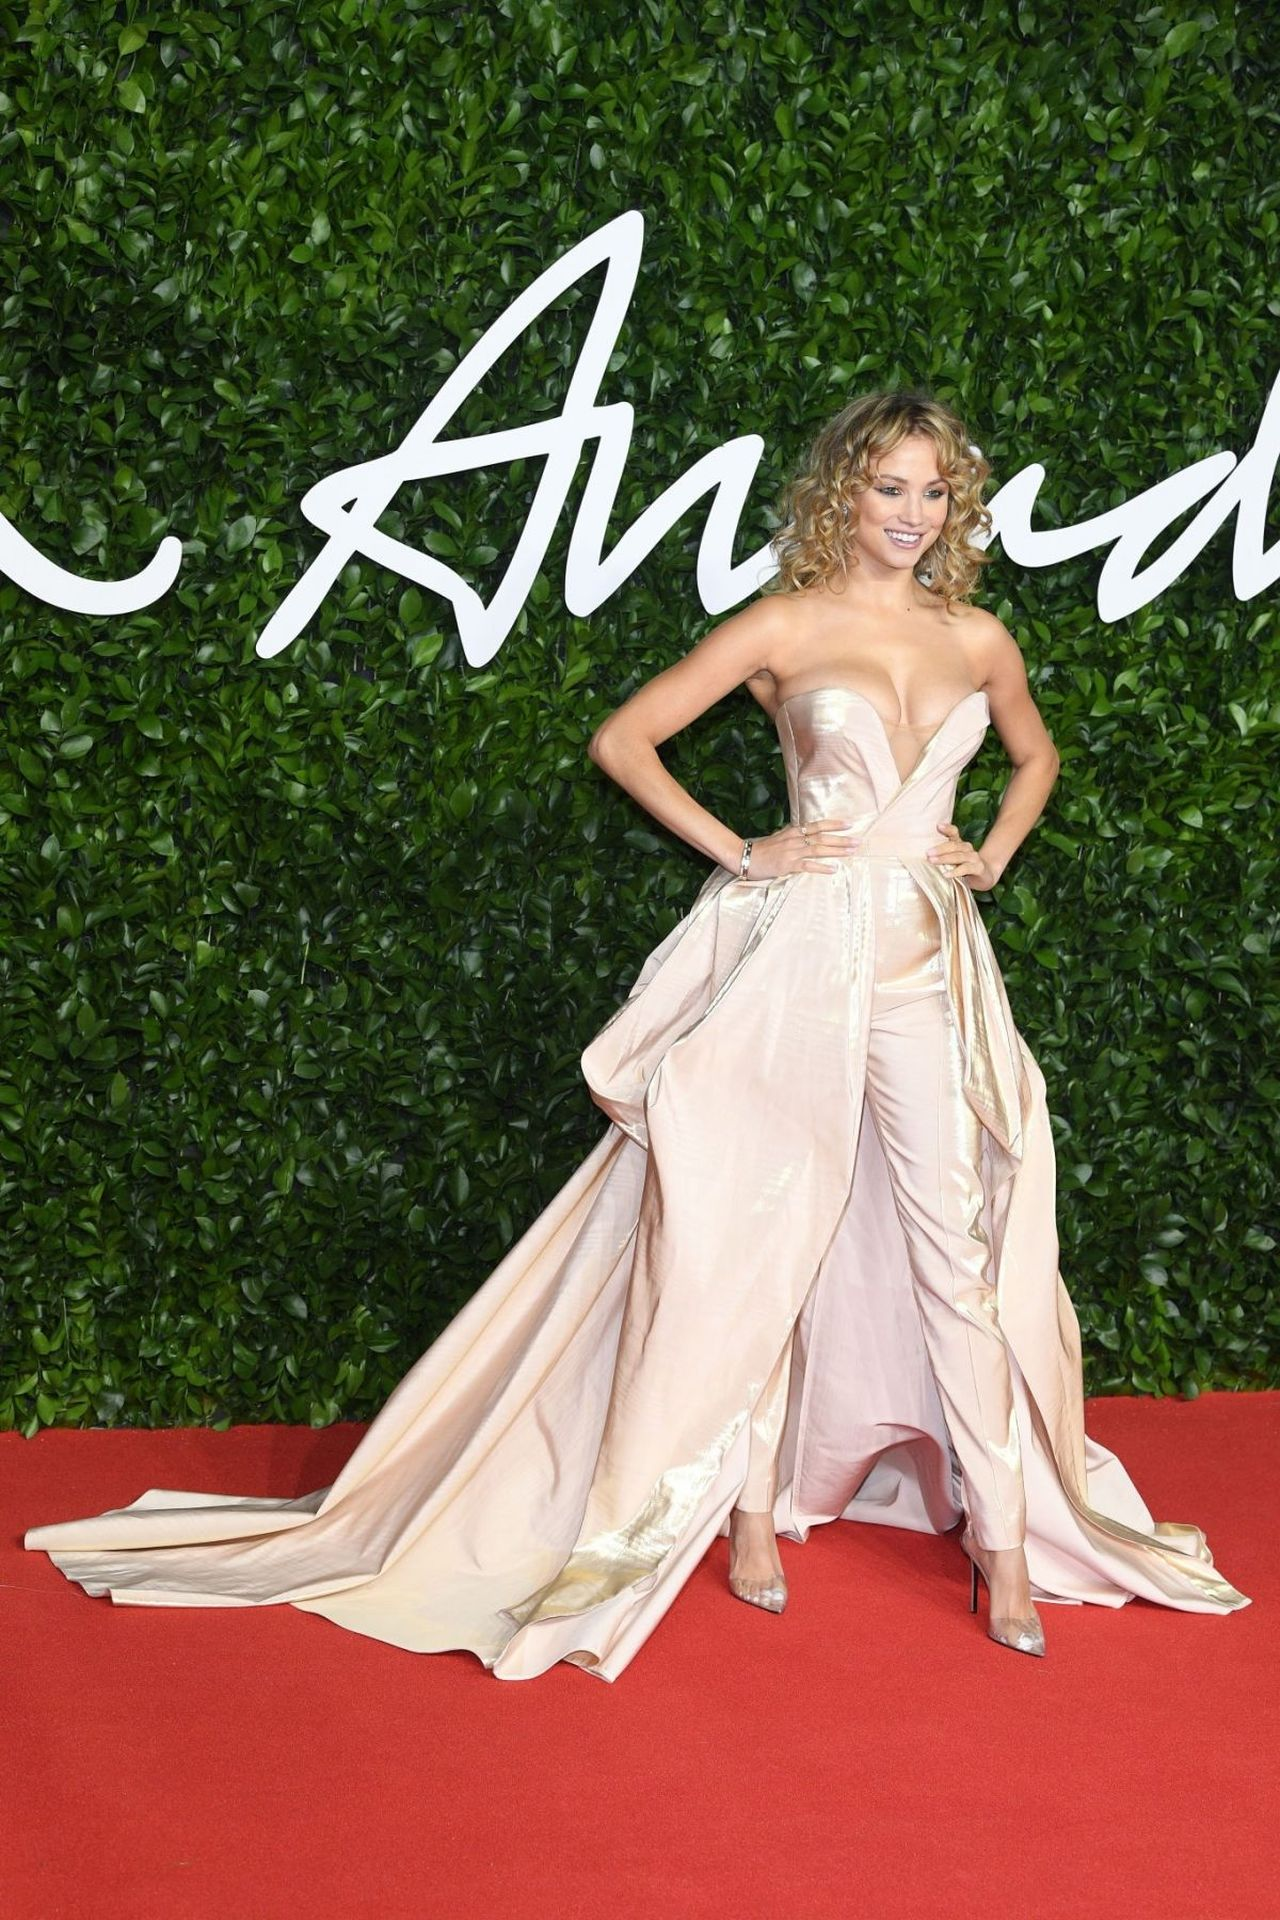 1994 doğumlu güzel model Rose Bertram moda ödülleri gecesinde giydiği derin göğüs dekolteli sexy elbisesiyle tüm dikkatleri üzerine çekmeyi başardı.